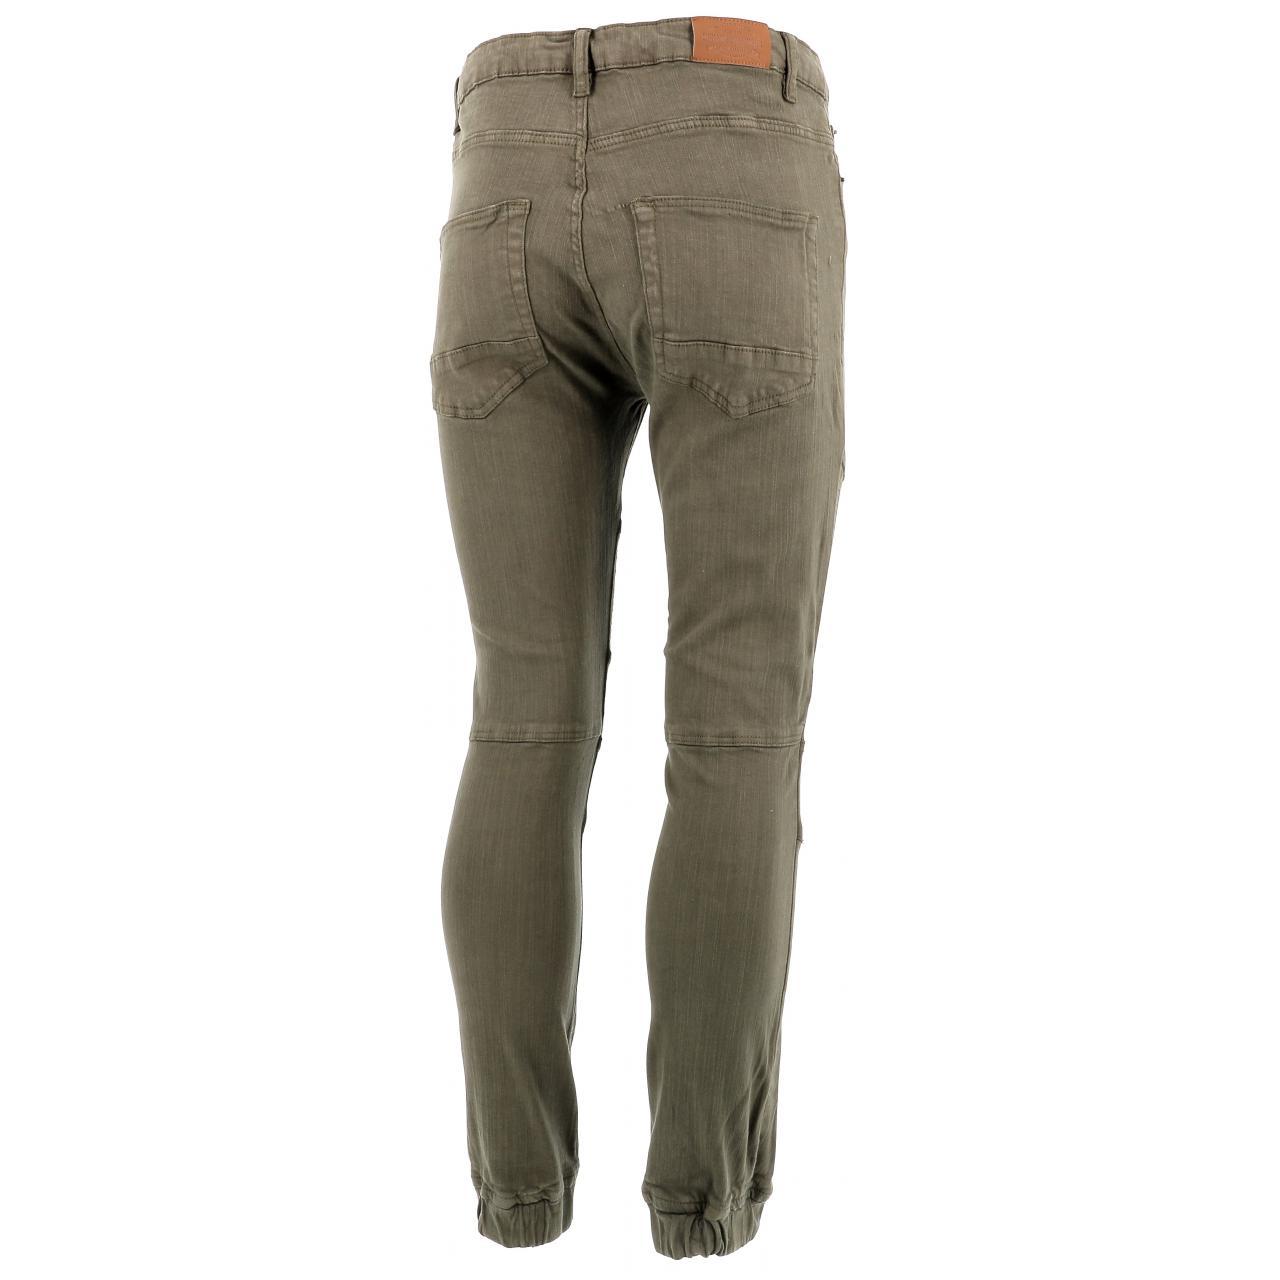 Jeans-Pants-Paname-brothers-Japa-Khaki-Jeans-Green-17196-New thumbnail 5